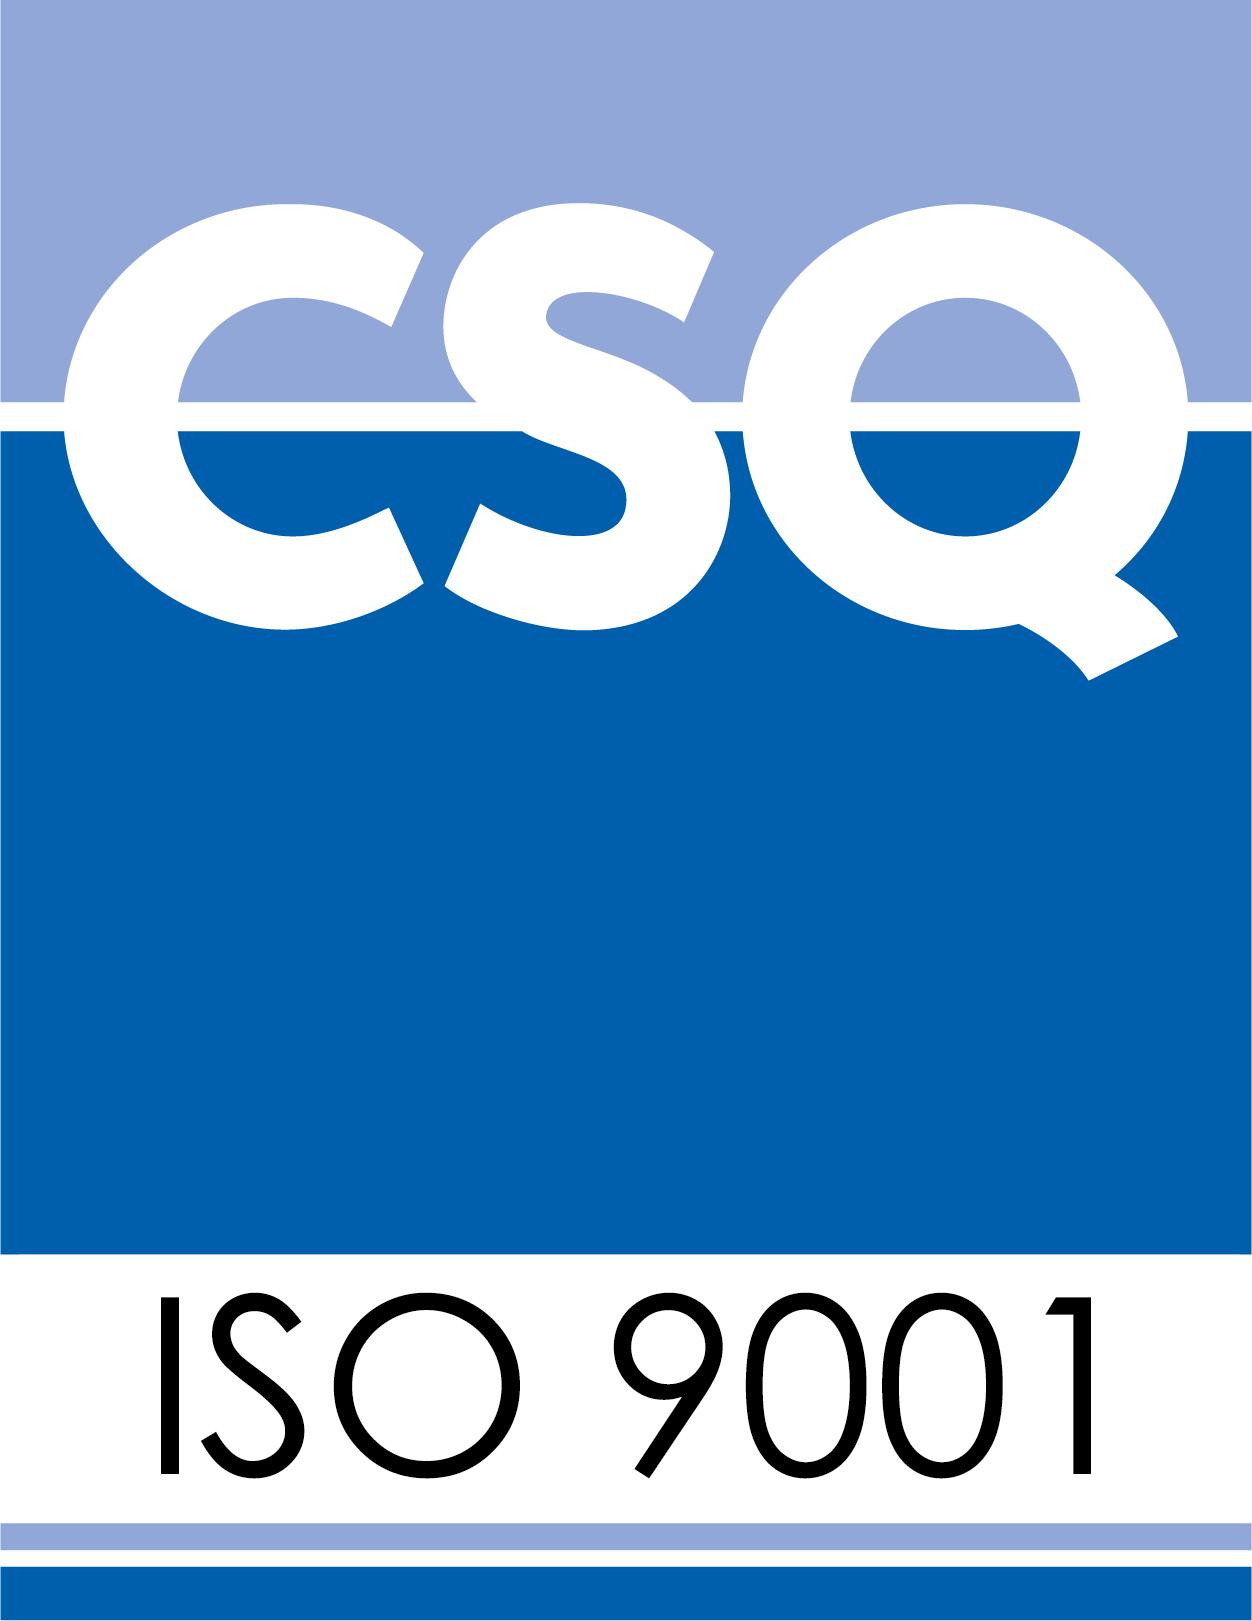 SG01_Logo ISO 9001.jpg